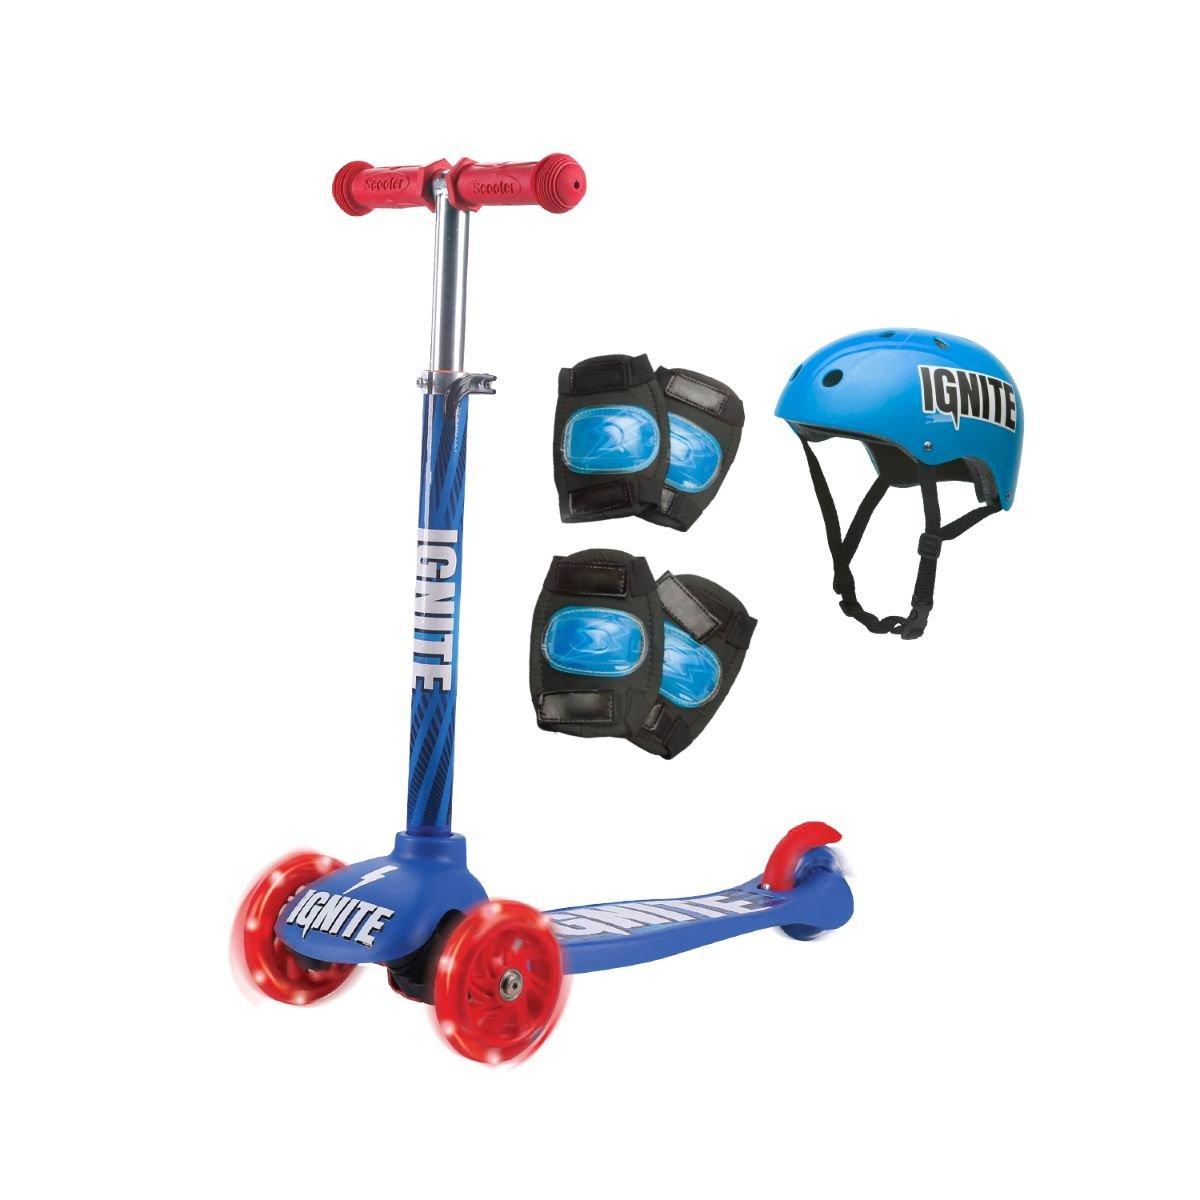 Trotineta cu 3 roti si echipament de protectie Ignite, Albastru